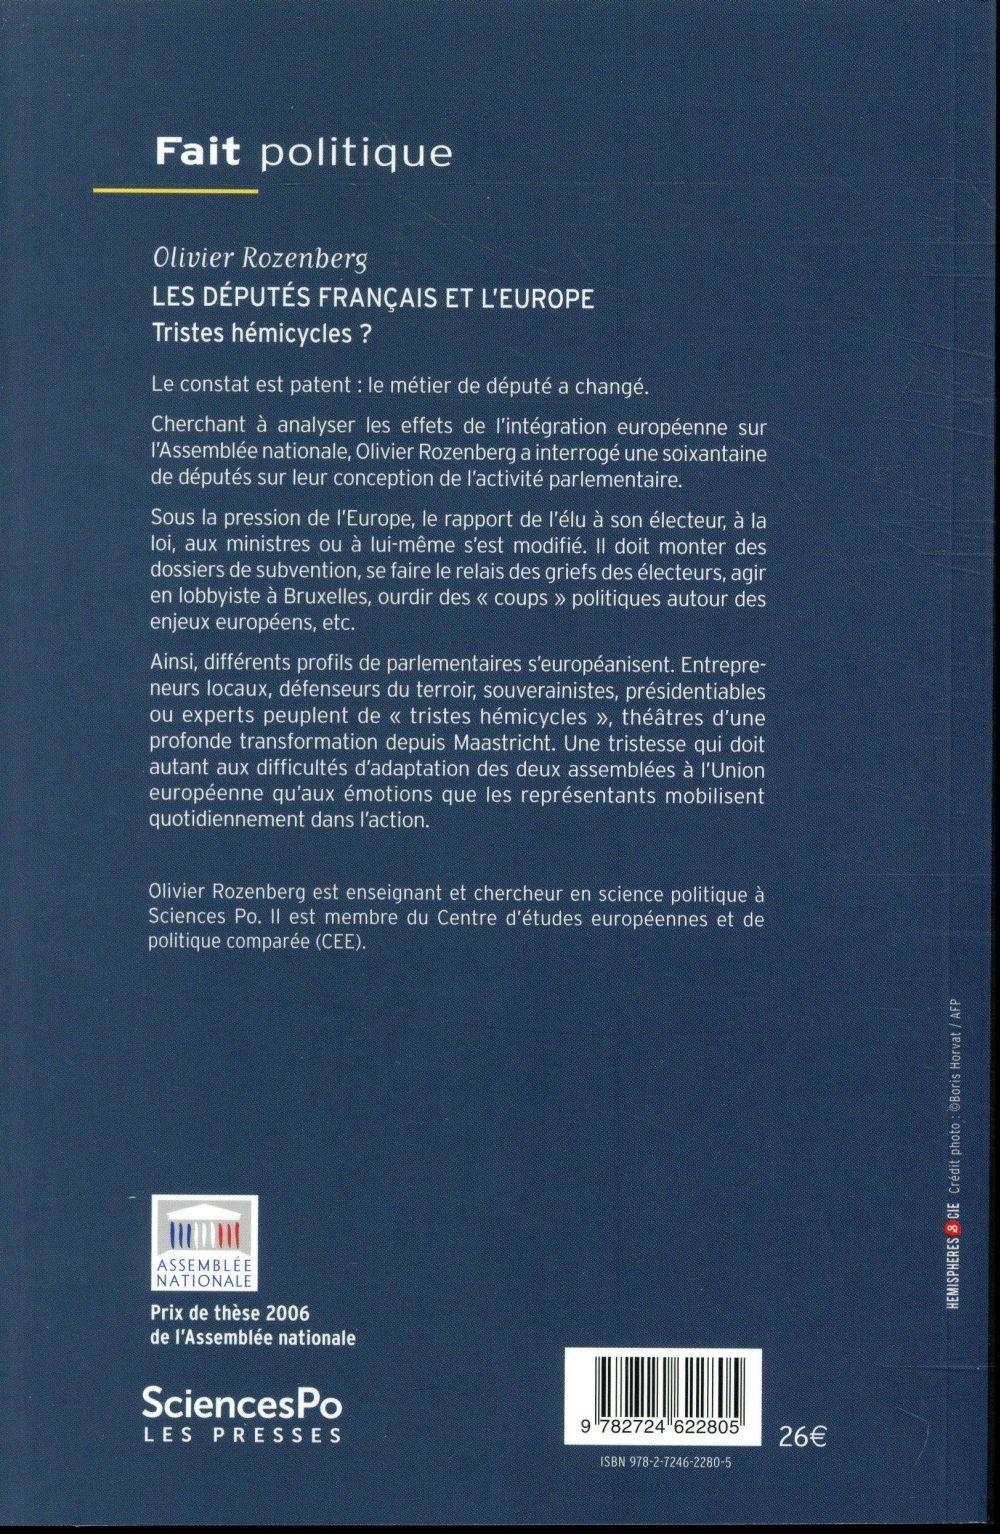 les députés français et l'Europe ; tristes hémicycles ?